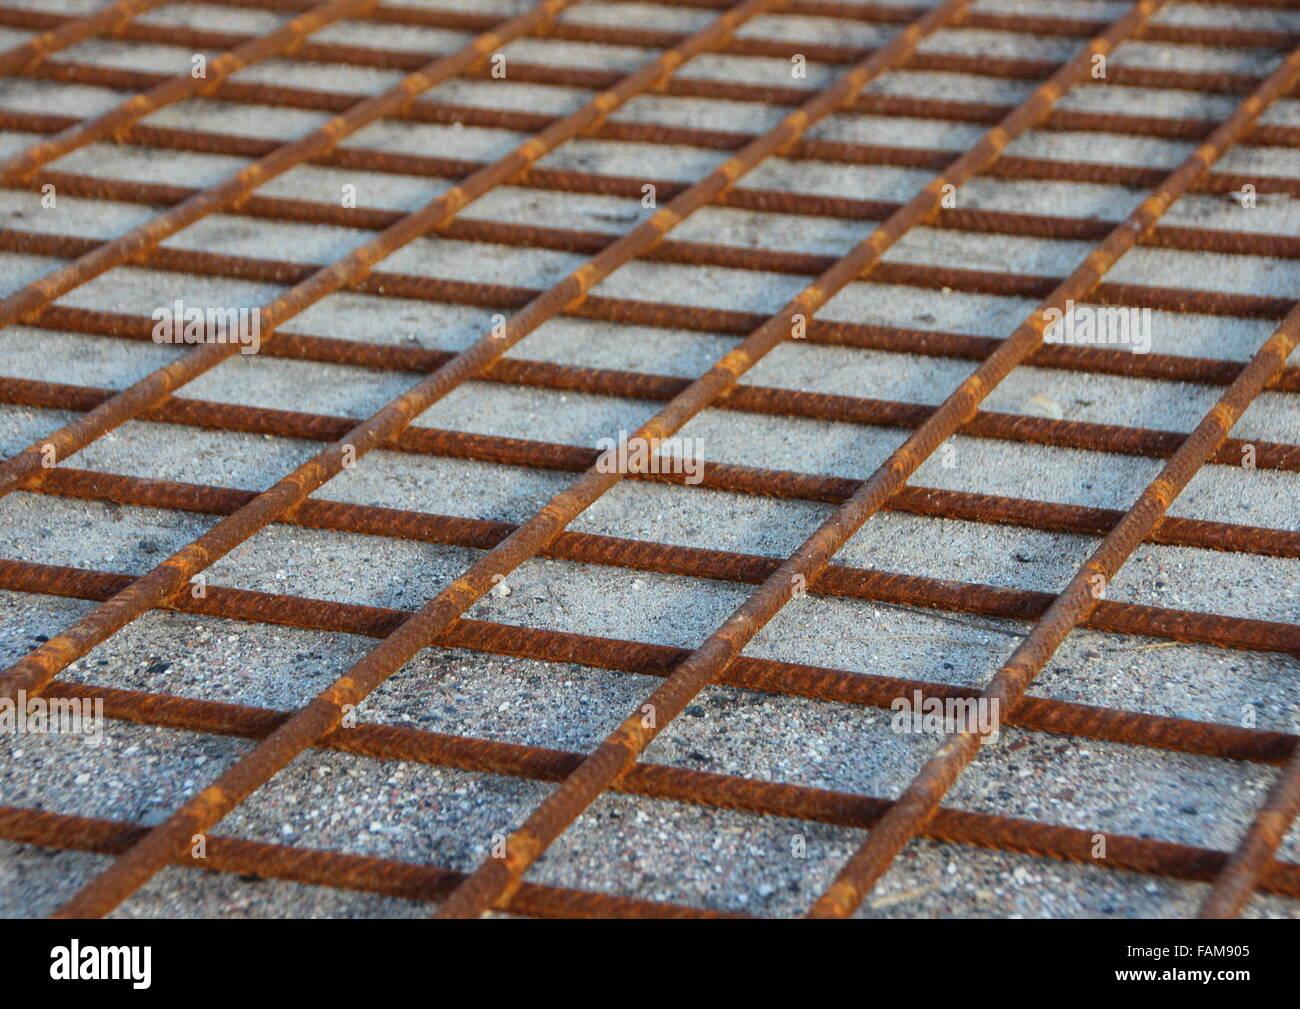 Rusty Metal Construction Fondation Grille sur fond de sable Photo Stock